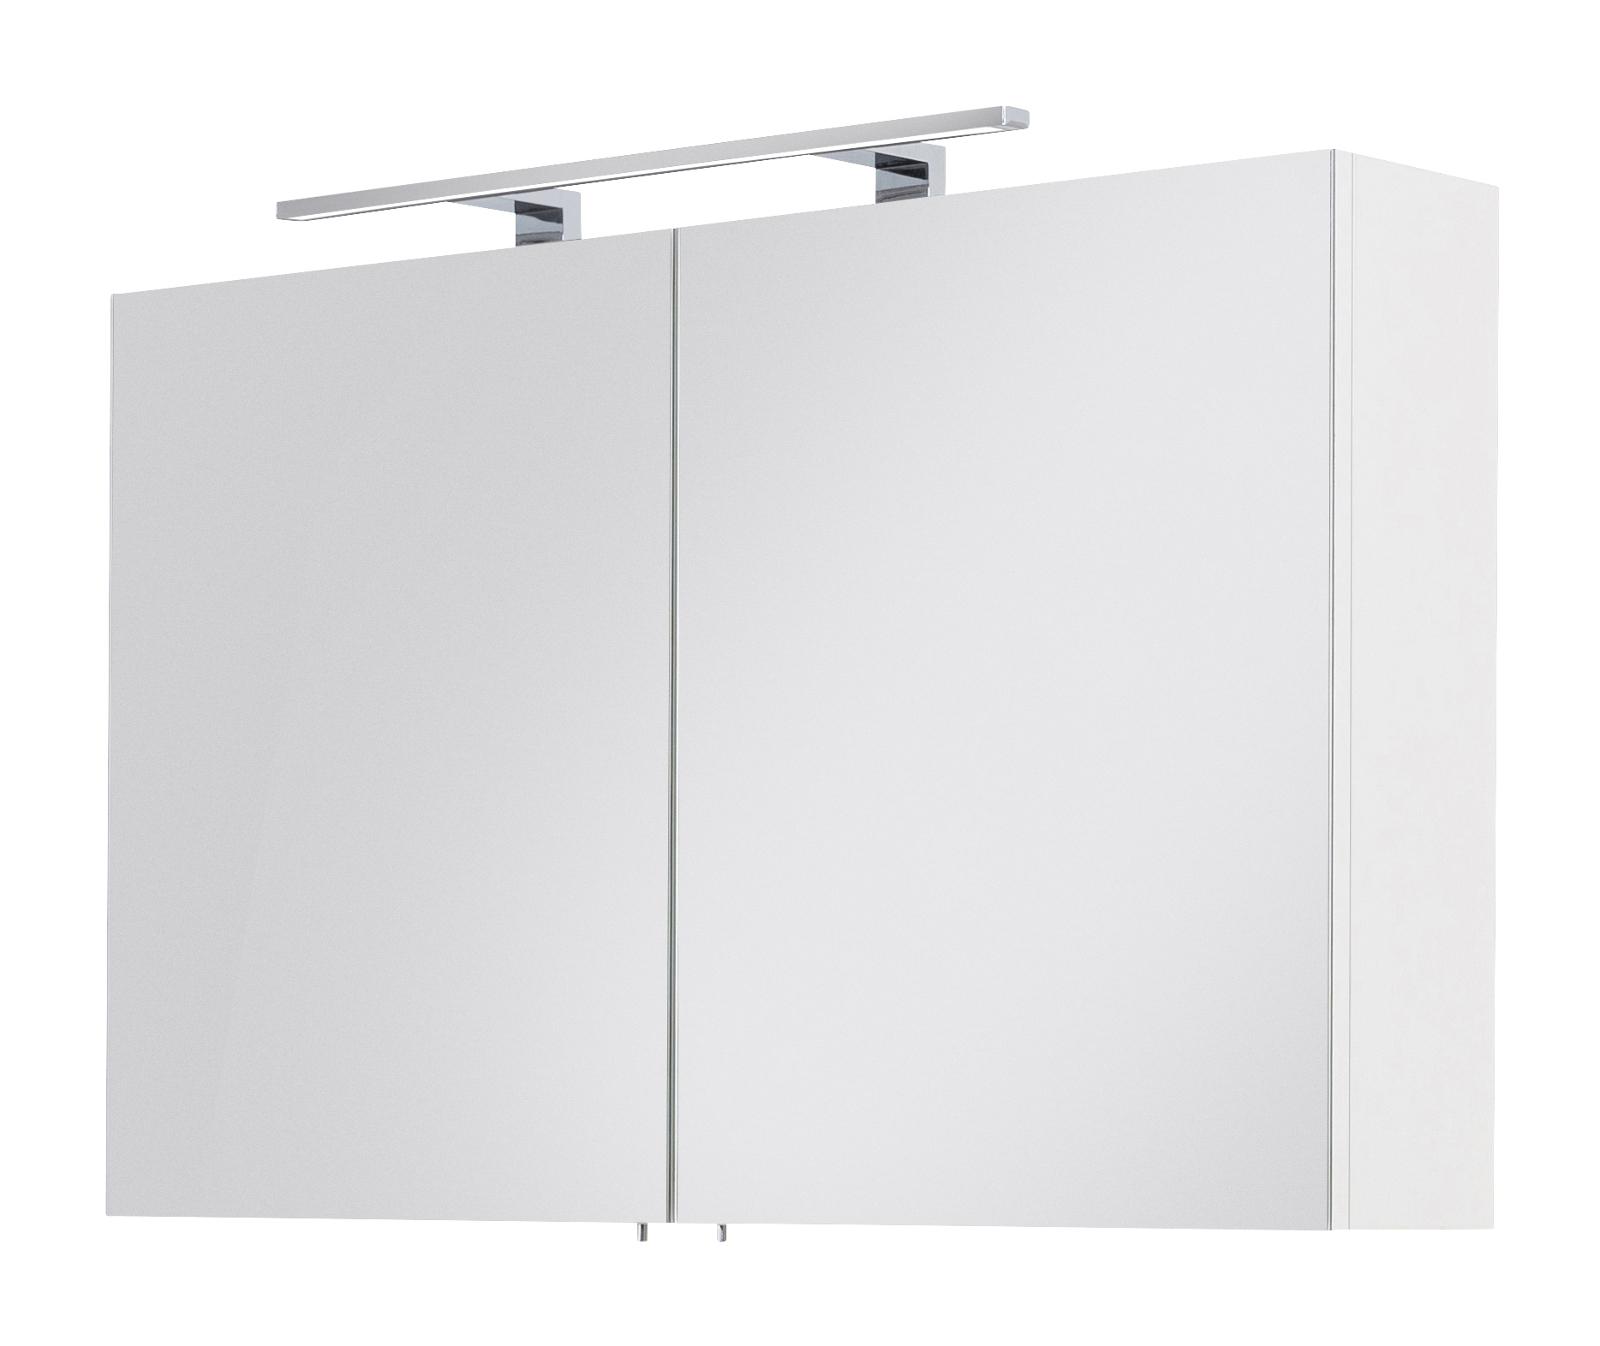 Badezimmer Spiegelschrank Viva in weiß inklusive LED Spiegellampe 15 x 15  cm 15-türig